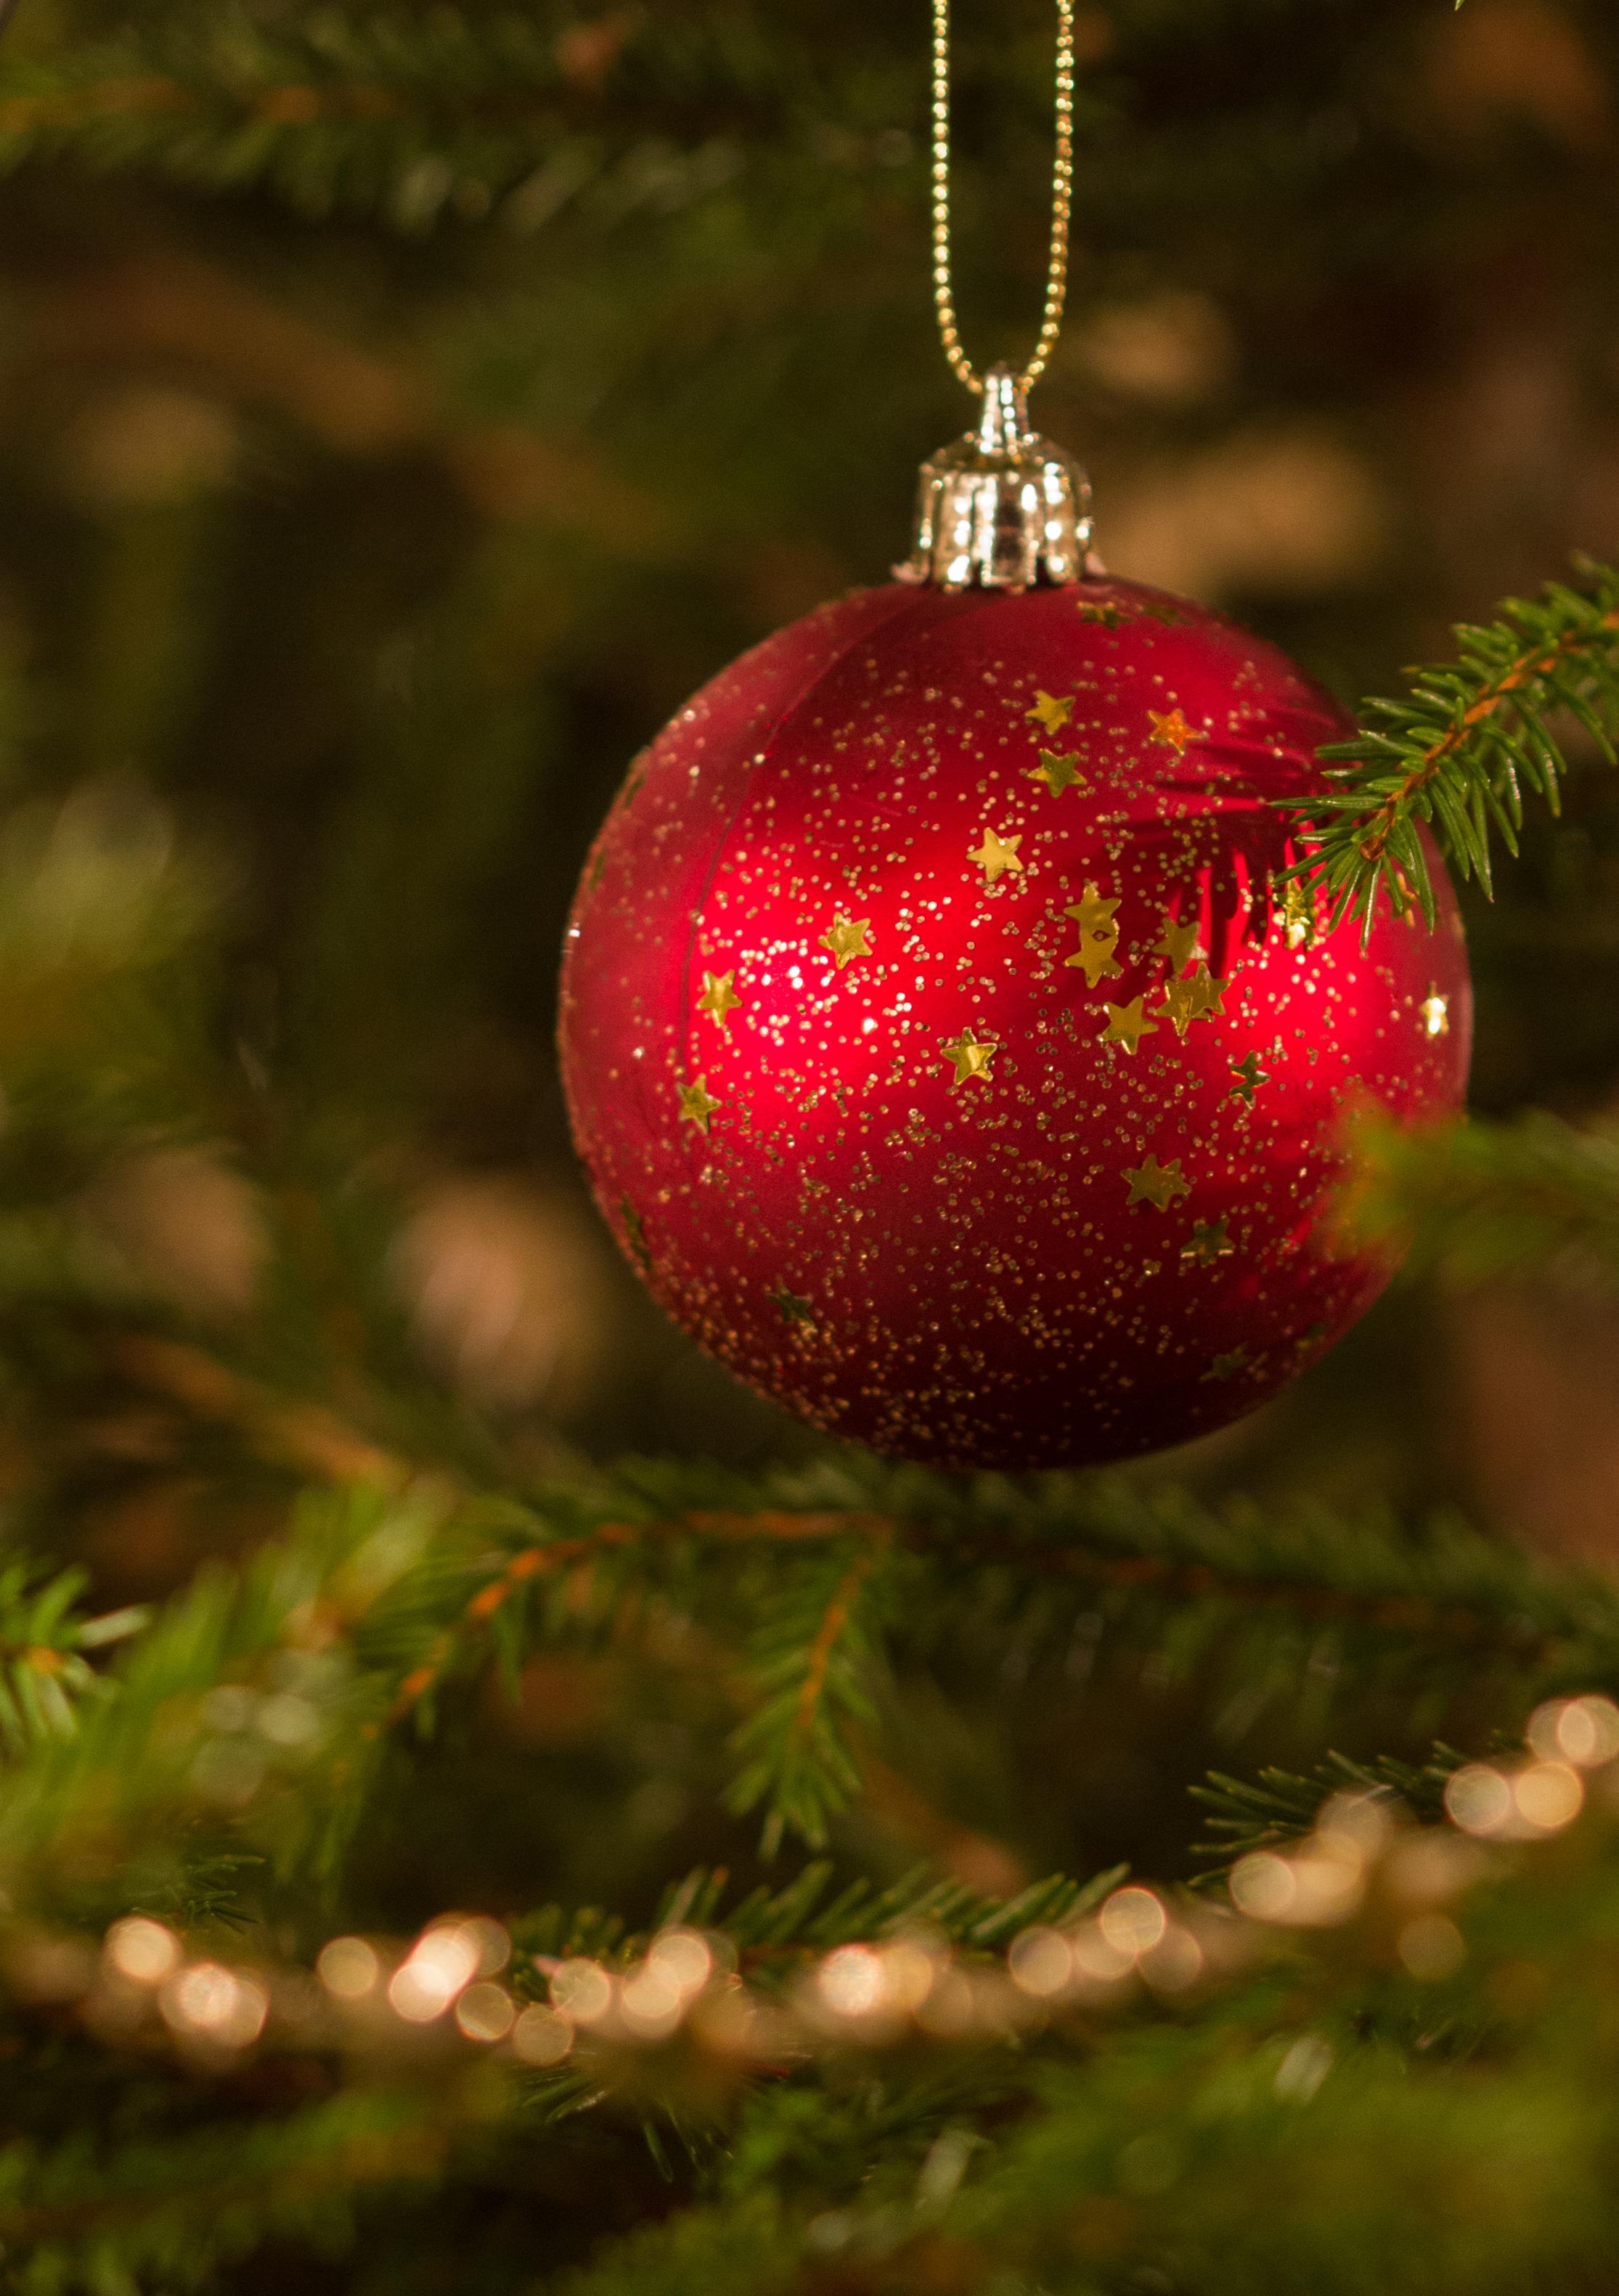 126481 Hintergrundbild herunterladen Feiertage, Weihnachten, Neujahr, Dekoration, Neues Jahr, Ball, Weihnachtsbaum - Bildschirmschoner und Bilder kostenlos